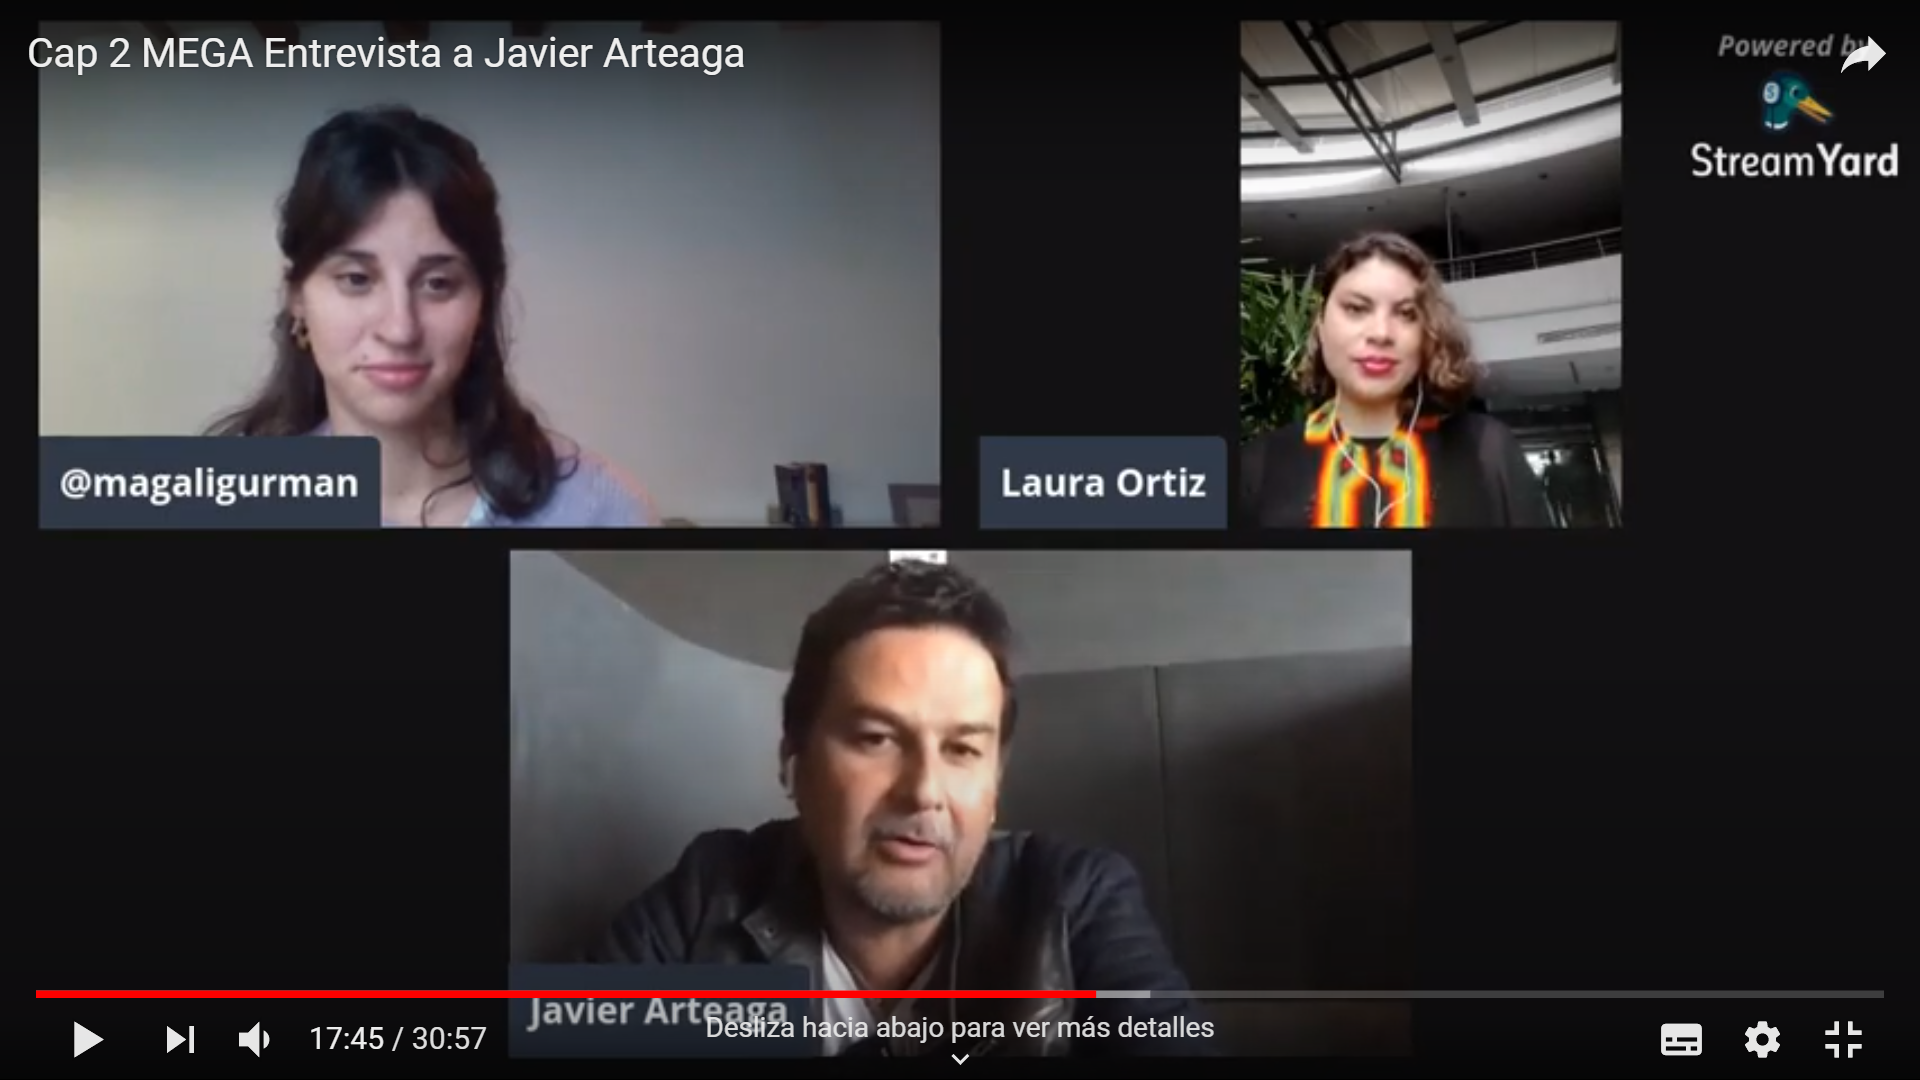 #MedirelGobiernoAbierto Entrevista con Javier Arteaga